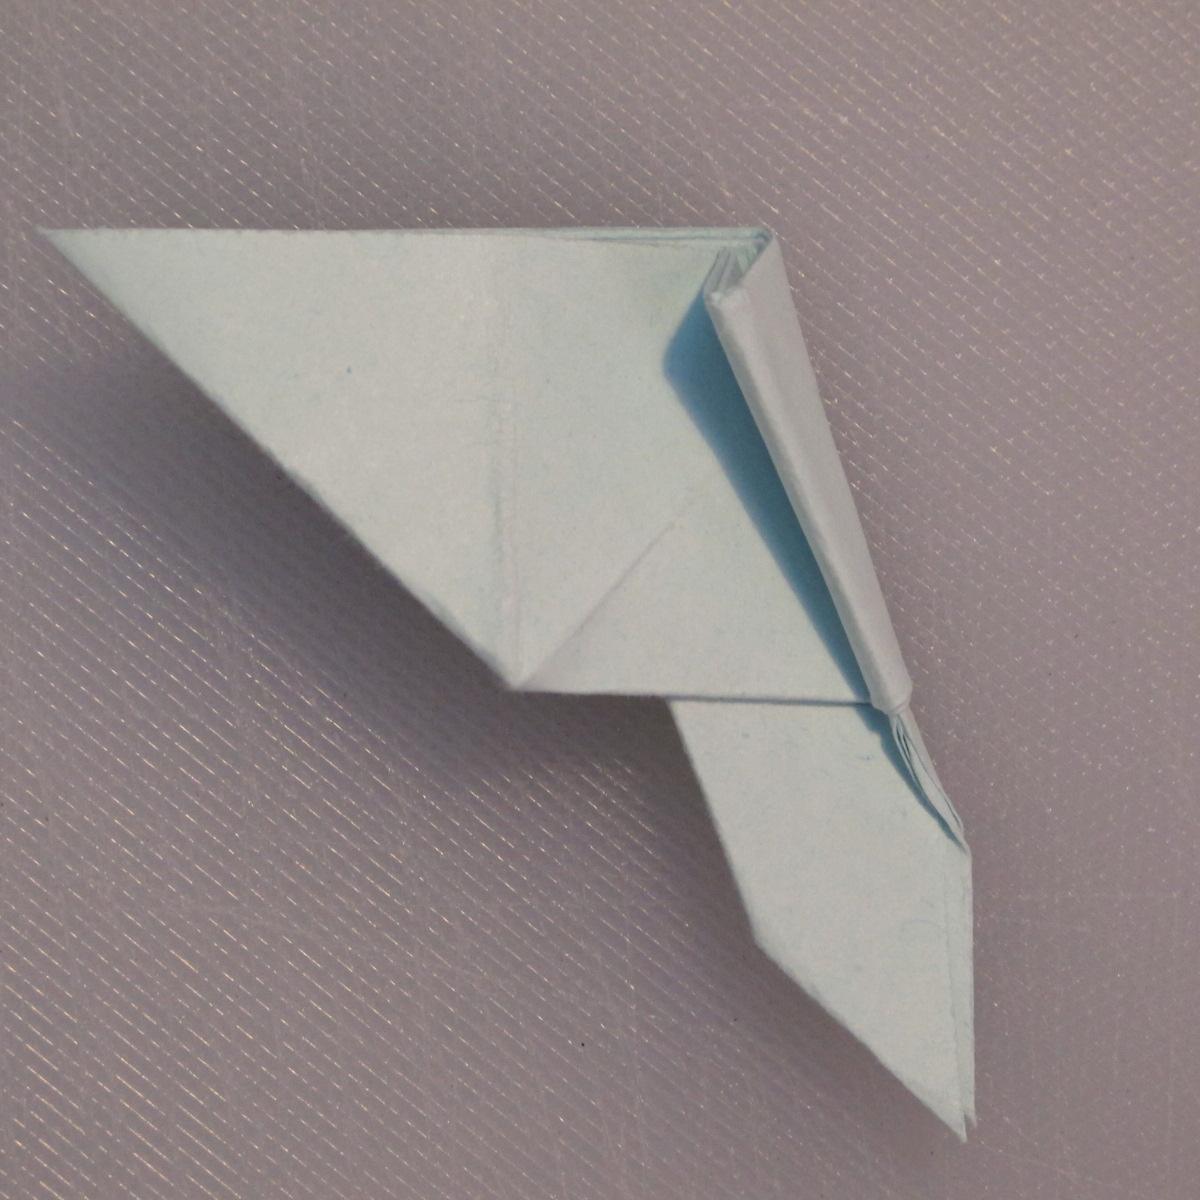 วิธีพับกระดาษเป็นรูปผีเสื้อ 016